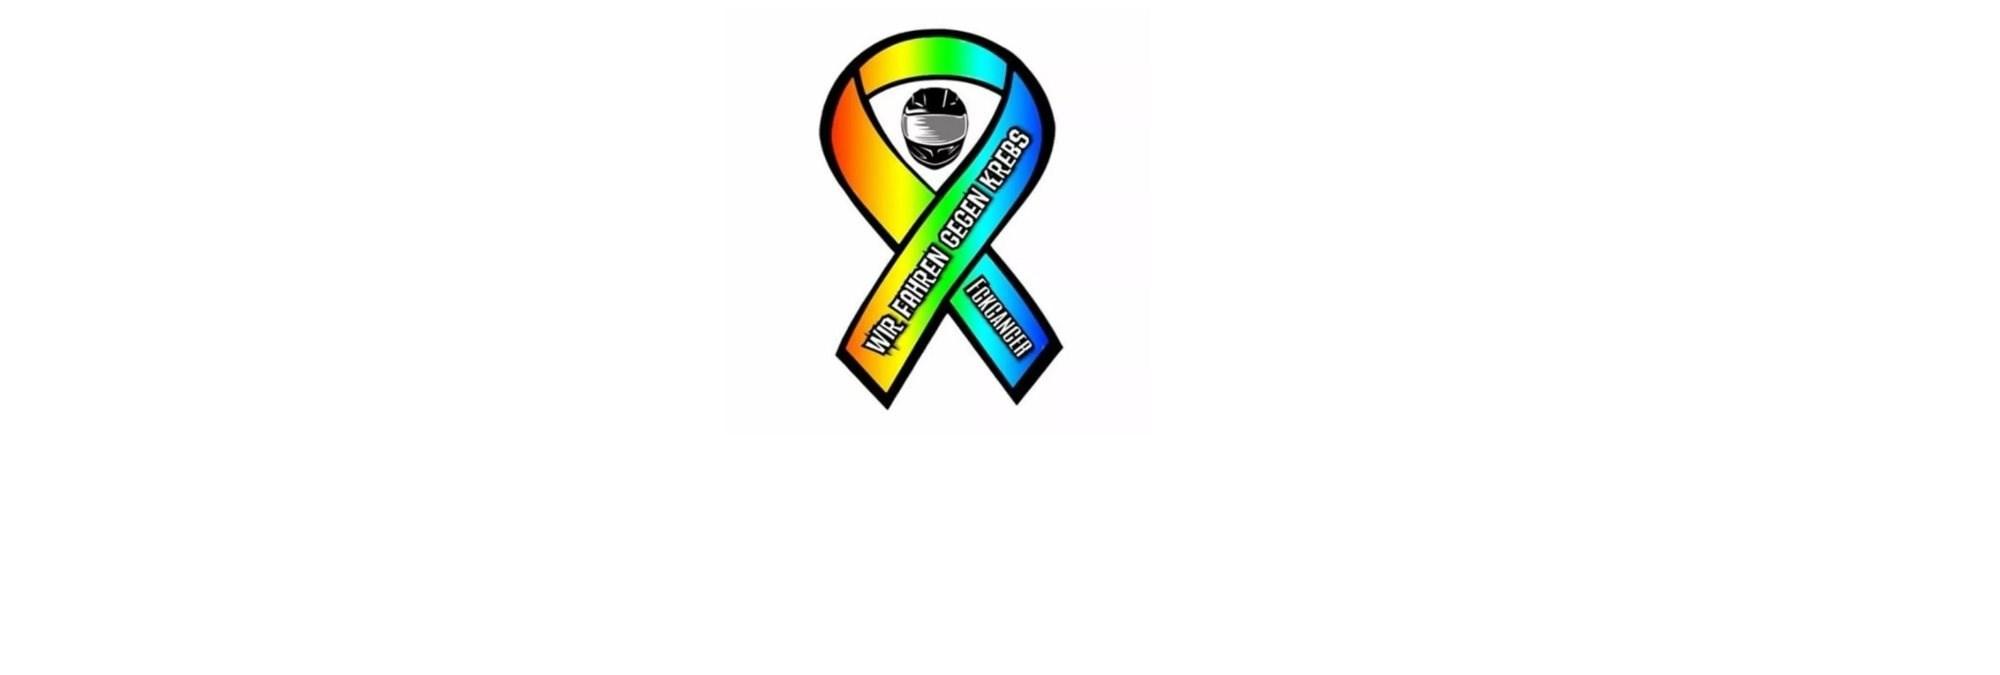 """Auch 2020 unterstützen wir wieder die Aktion """"Biker vs. Cancer"""".  Jeder ist Willkommen.  Lasst uns gemeinsam ein Zeichen setzten!  Also jetzt schon den 23.05.2020 ab 10 Uhr vormerken."""